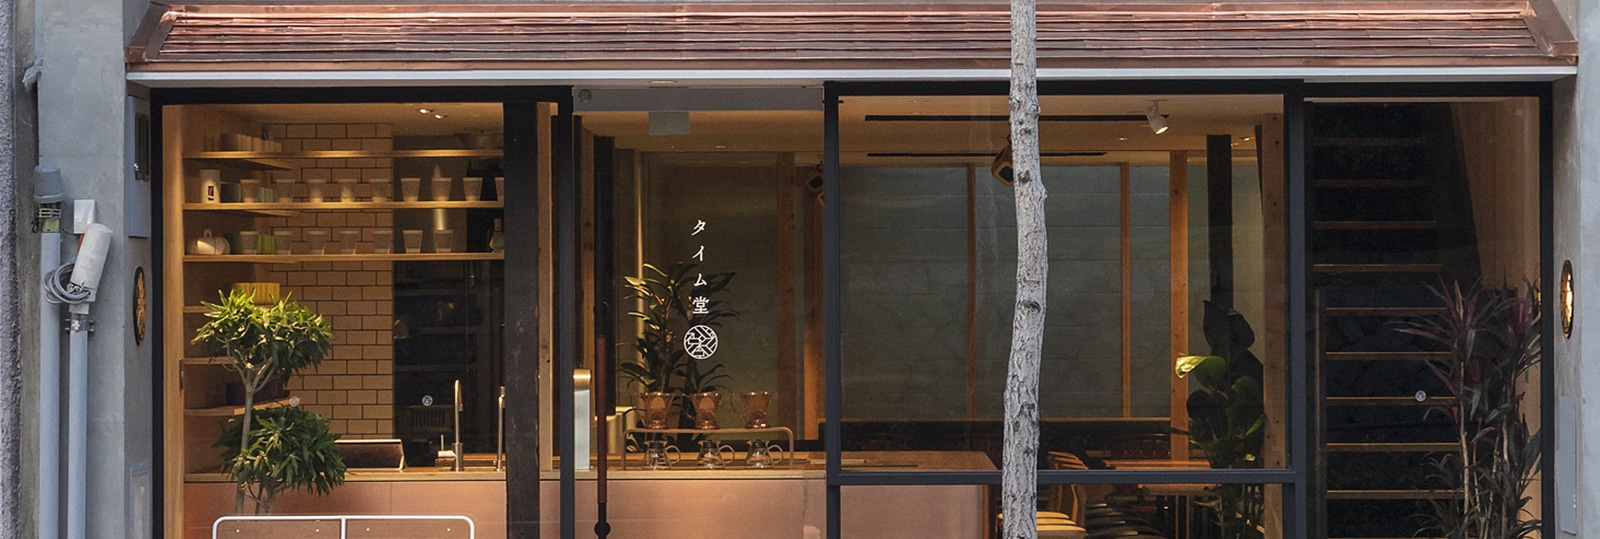 Photos of Rakukei Works